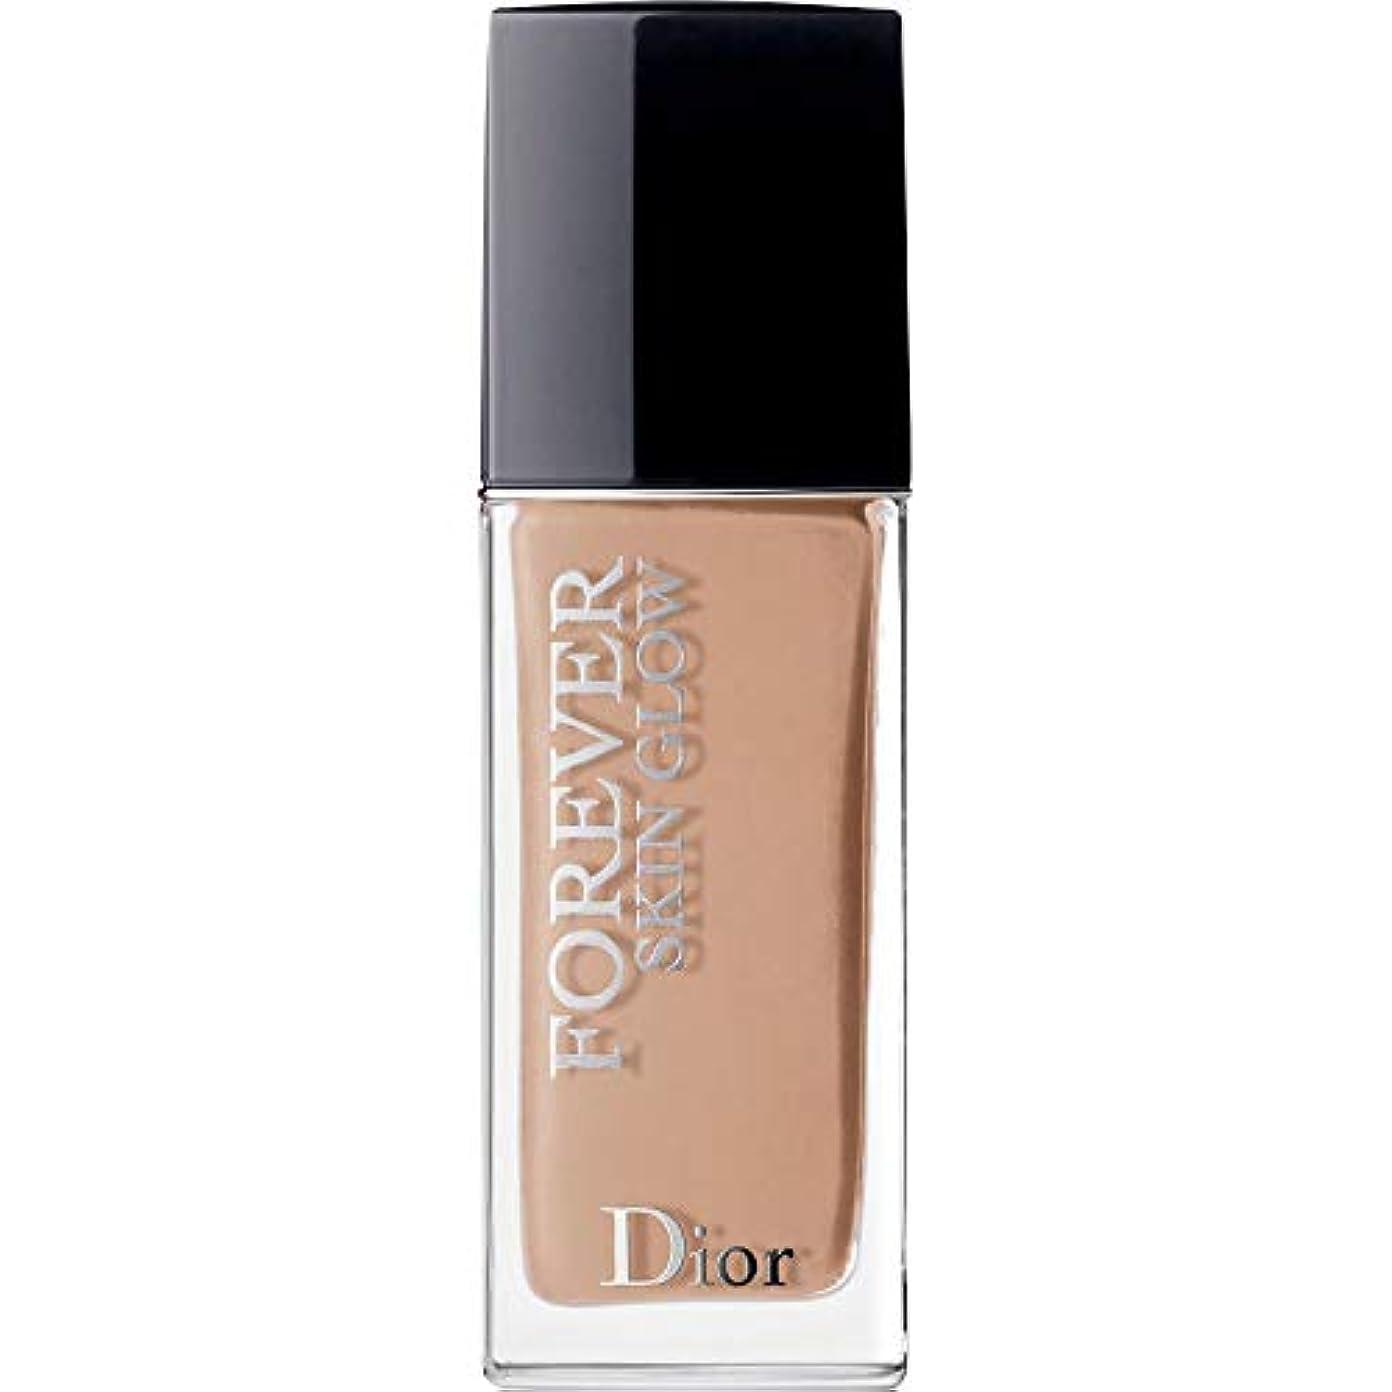 愚か脱獄かどうか[Dior ] ディオール永遠に皮膚グロー皮膚思いやりの基礎Spf35 30ミリリットル4Cを - クール(肌の輝き) - DIOR Forever Skin Glow Skin-Caring Foundation SPF35...